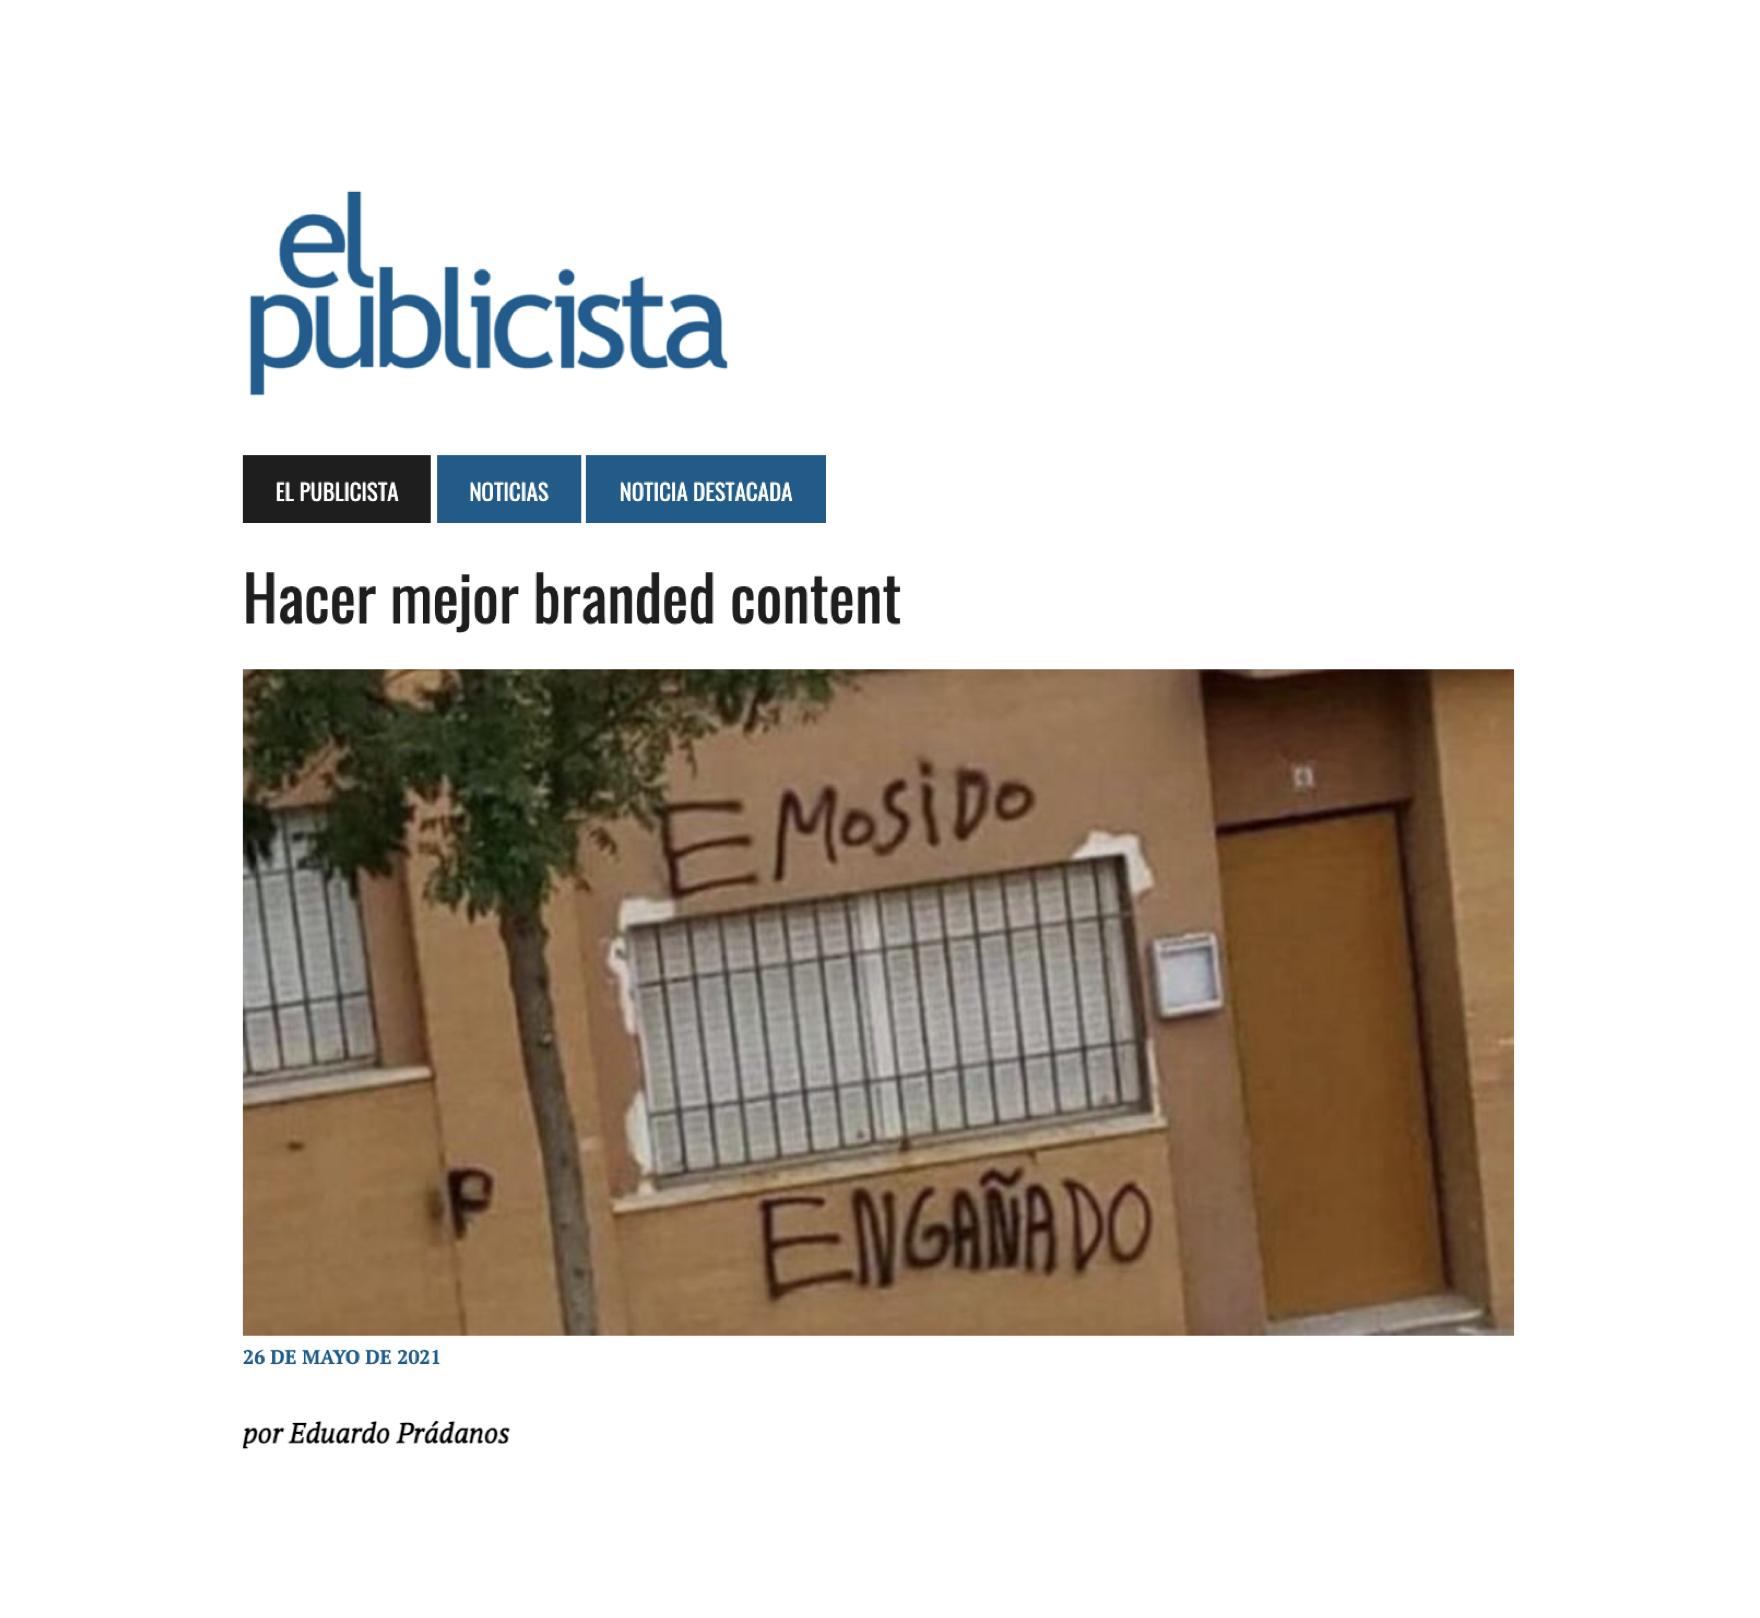 210531_el-publicista-hacer-mejor-branded-content-fluor-lifestyle-eduardo-pradanos-2